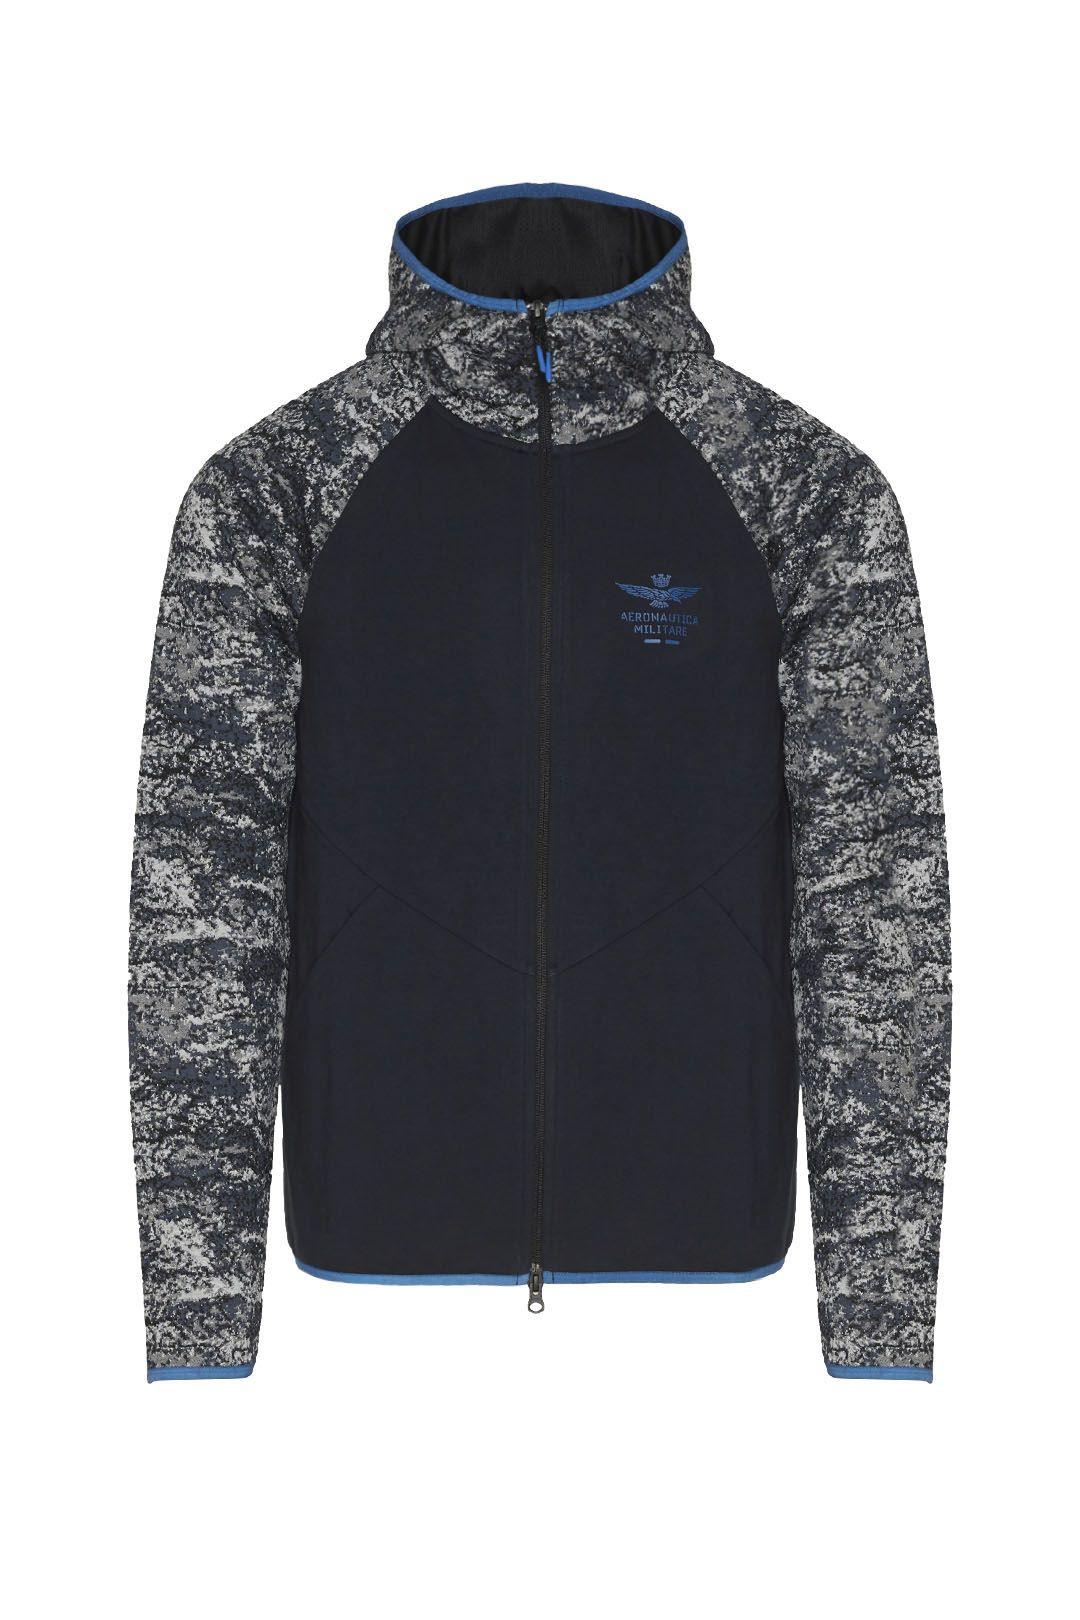 Sweatshirt élastique en jacquard camou   1